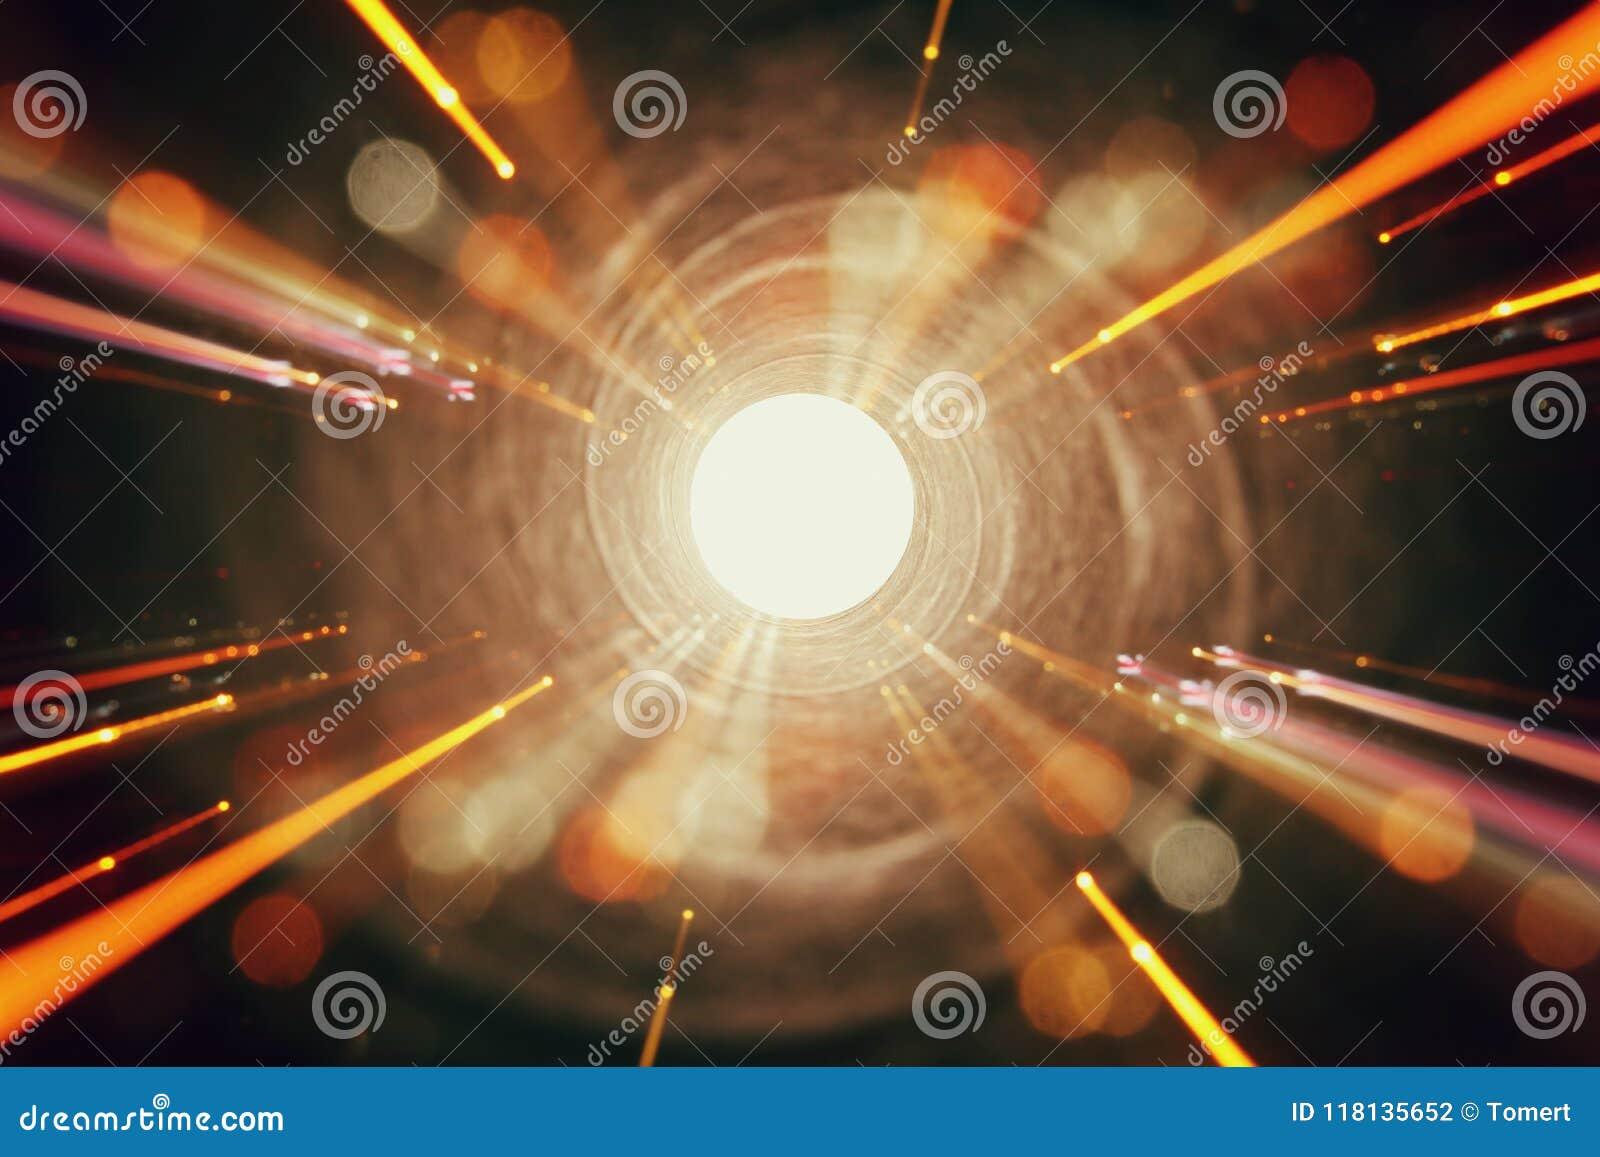 Alargamento abstrato da lente imagem do conceito do fundo do curso do espaço ou do tempo sobre cores escuras e luzes brilhantes